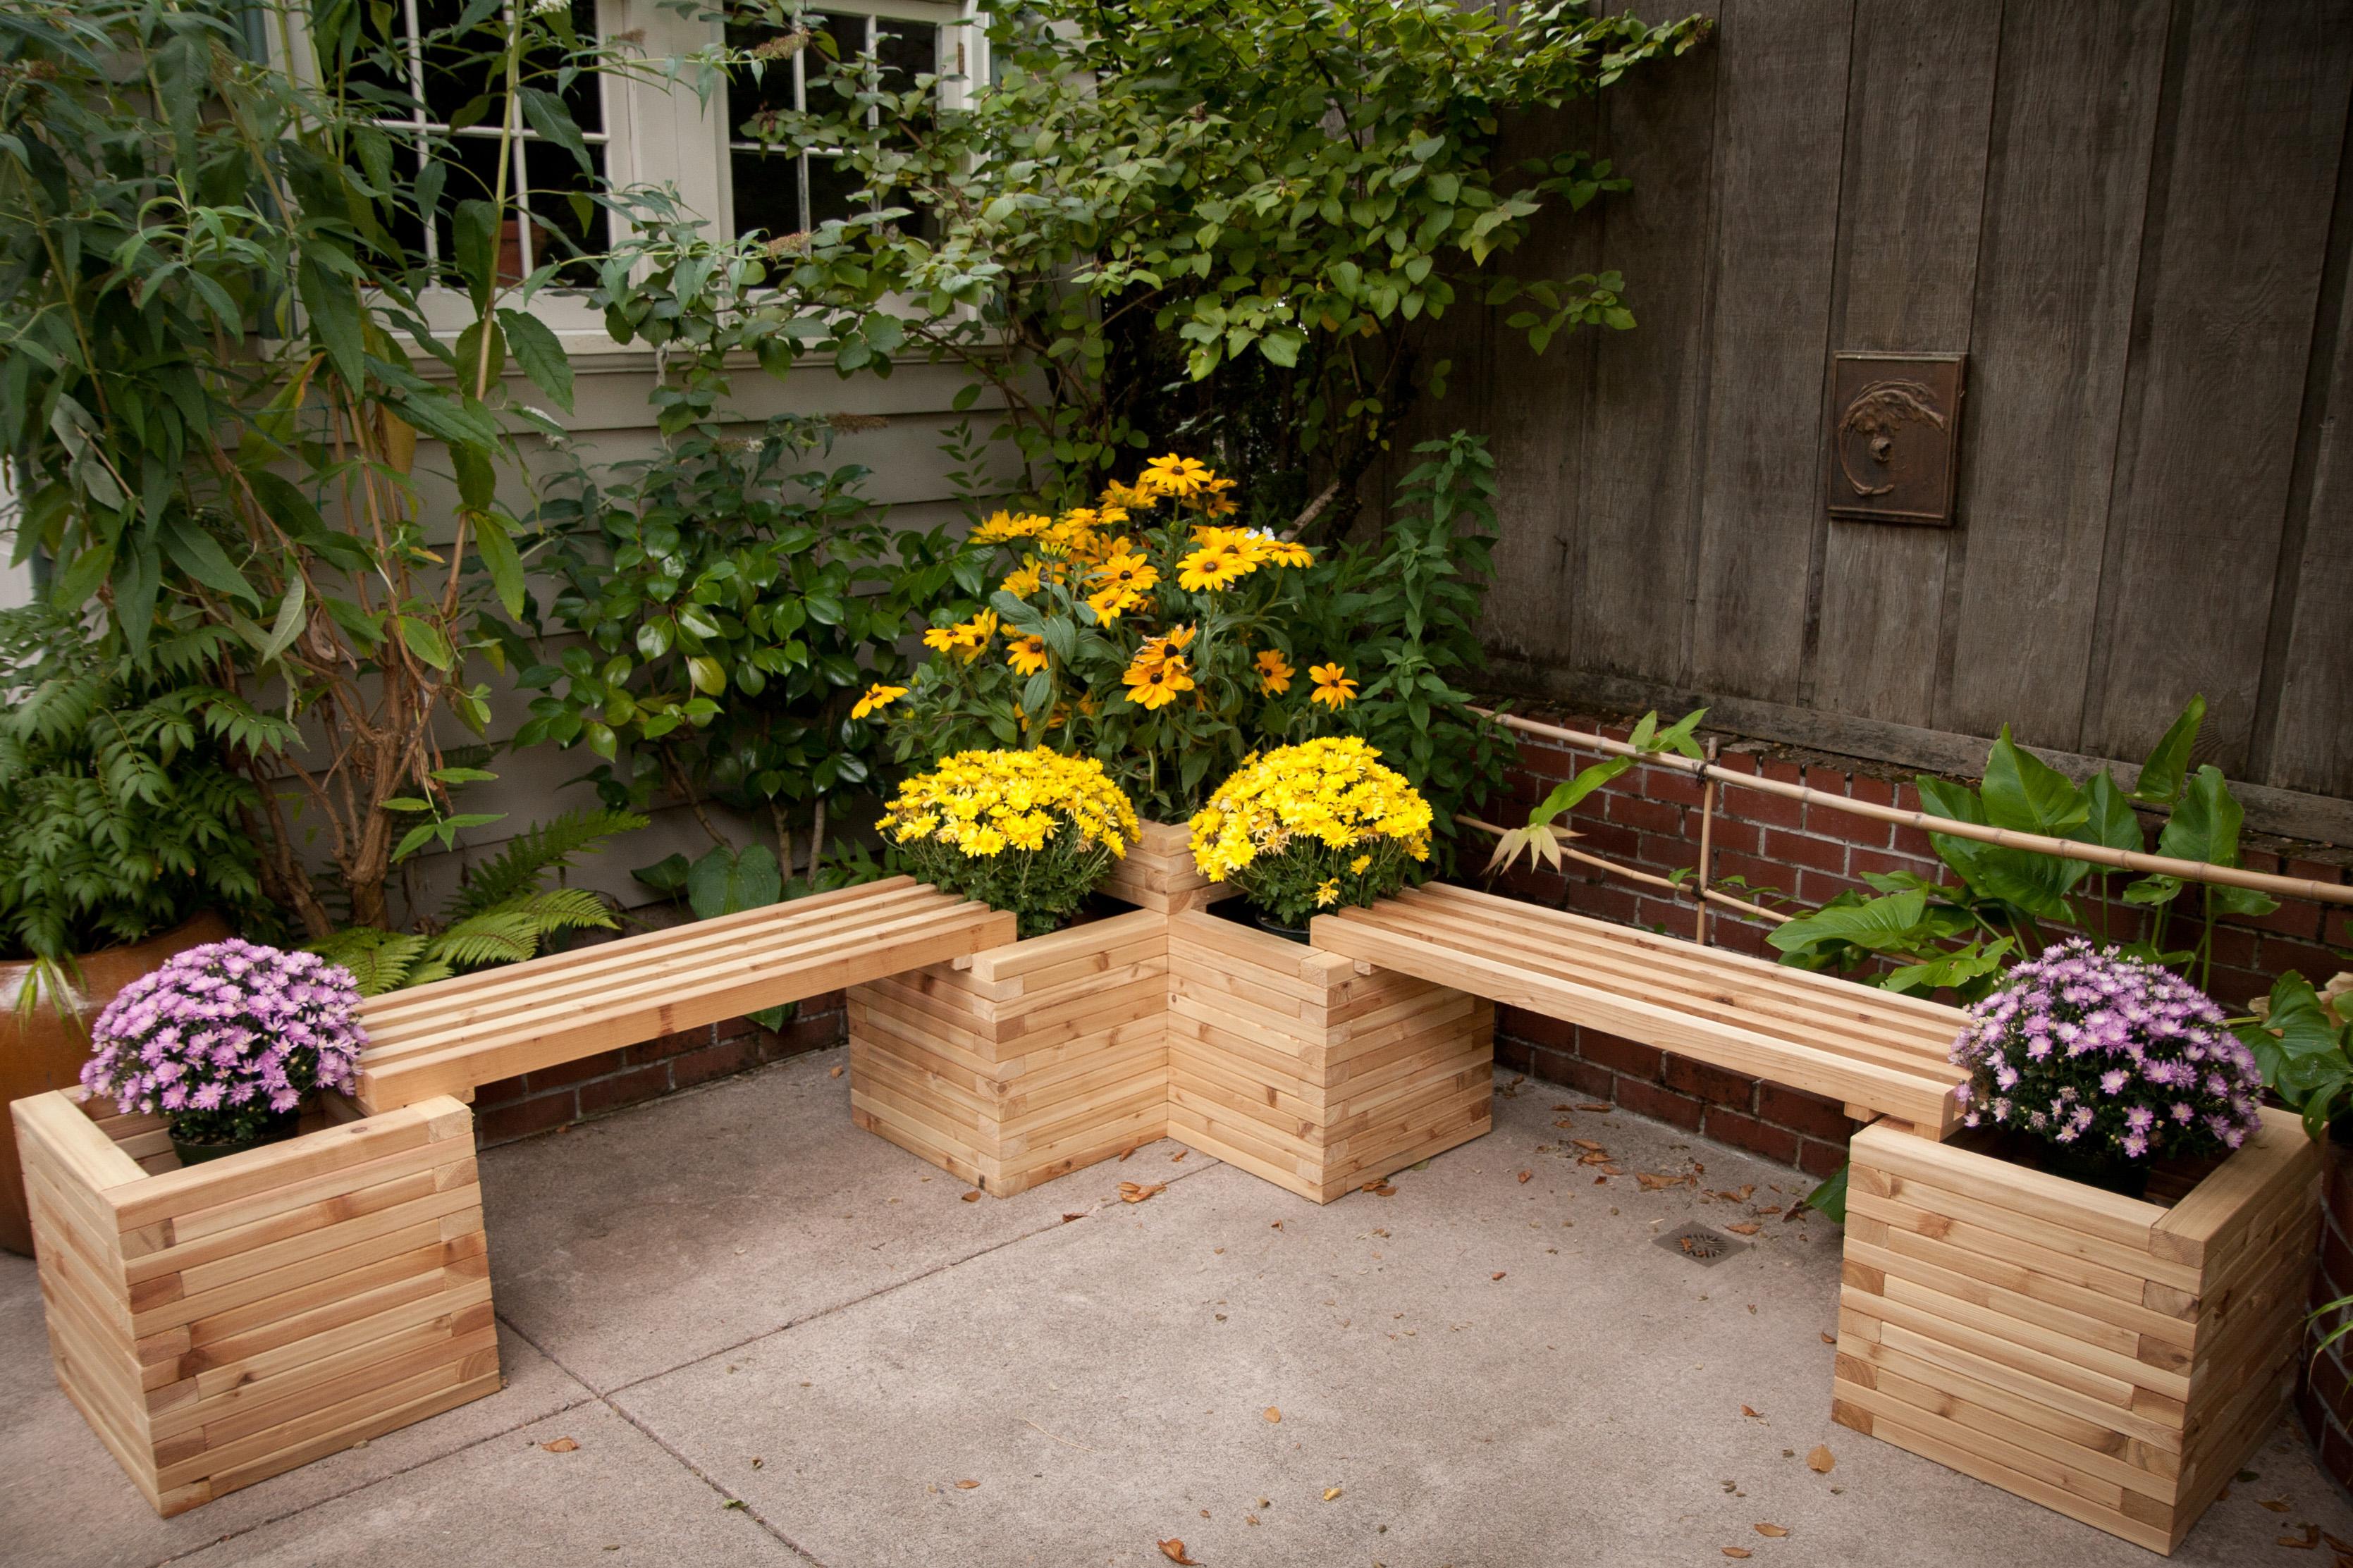 garden benches | the chicken gardener KUQEBCJ